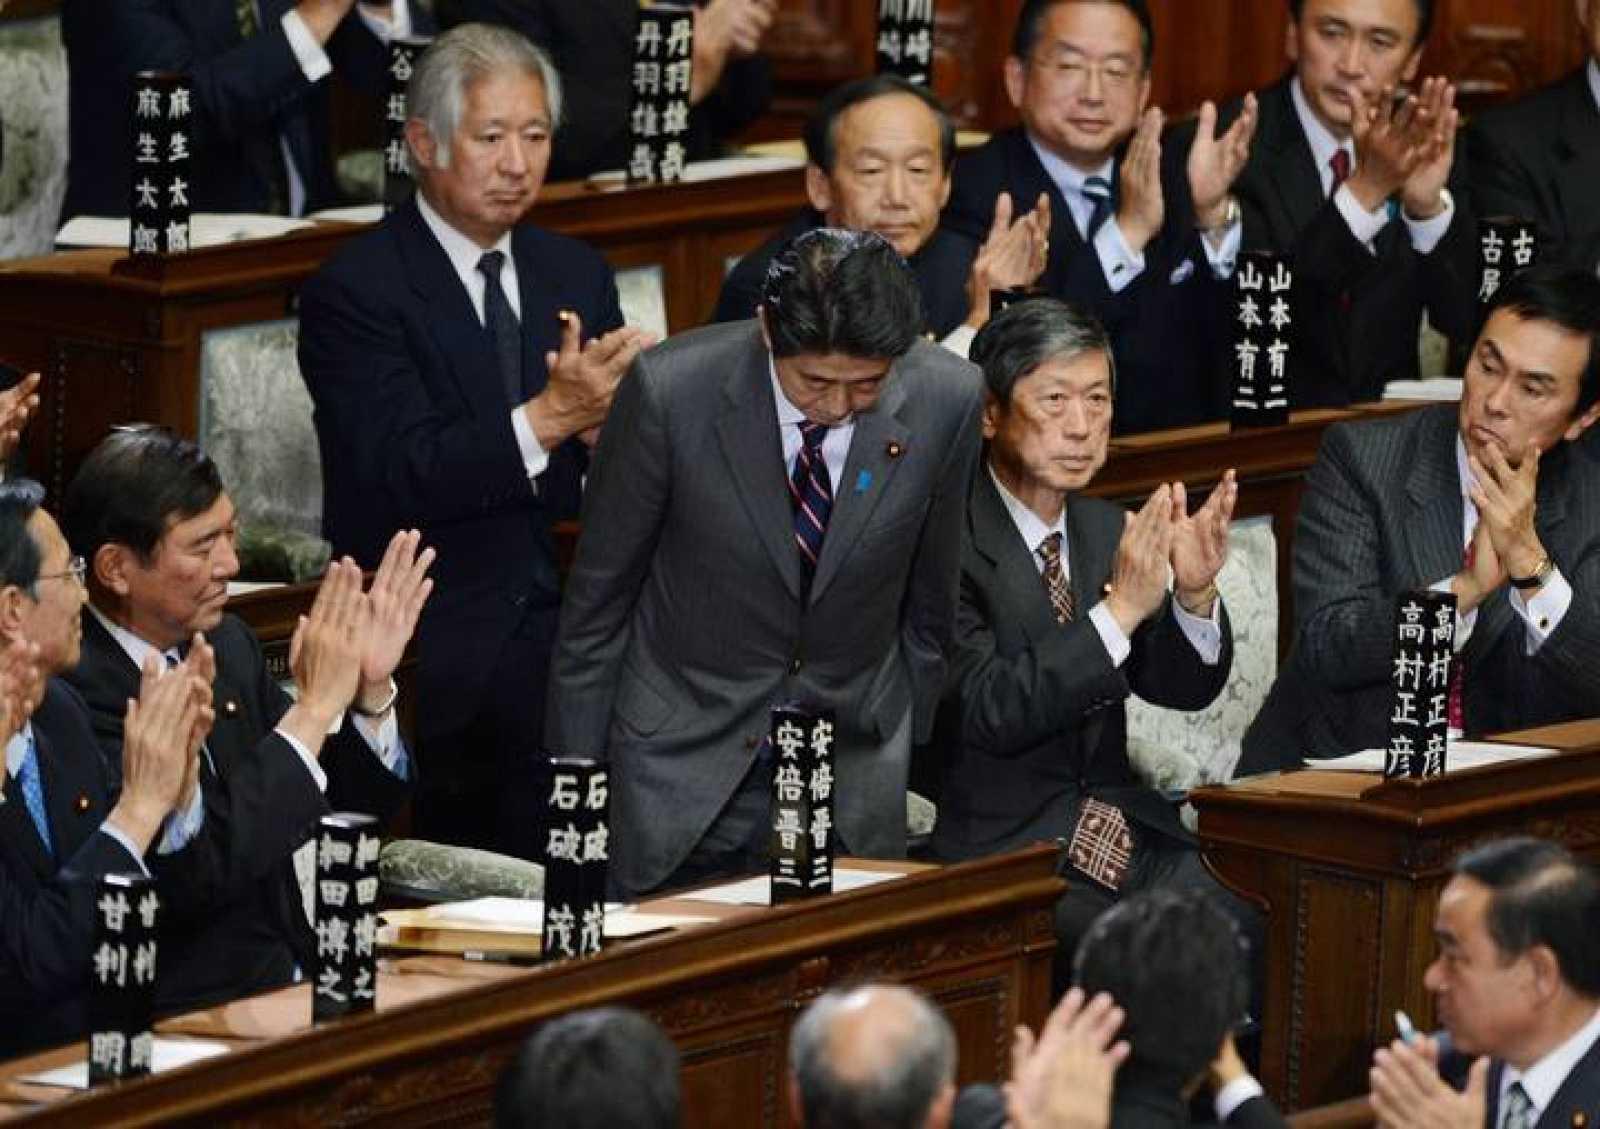 Shinzo Abe, en el centro, es aplaudido por el Congreso tras ser elegido primer ministro de Japón